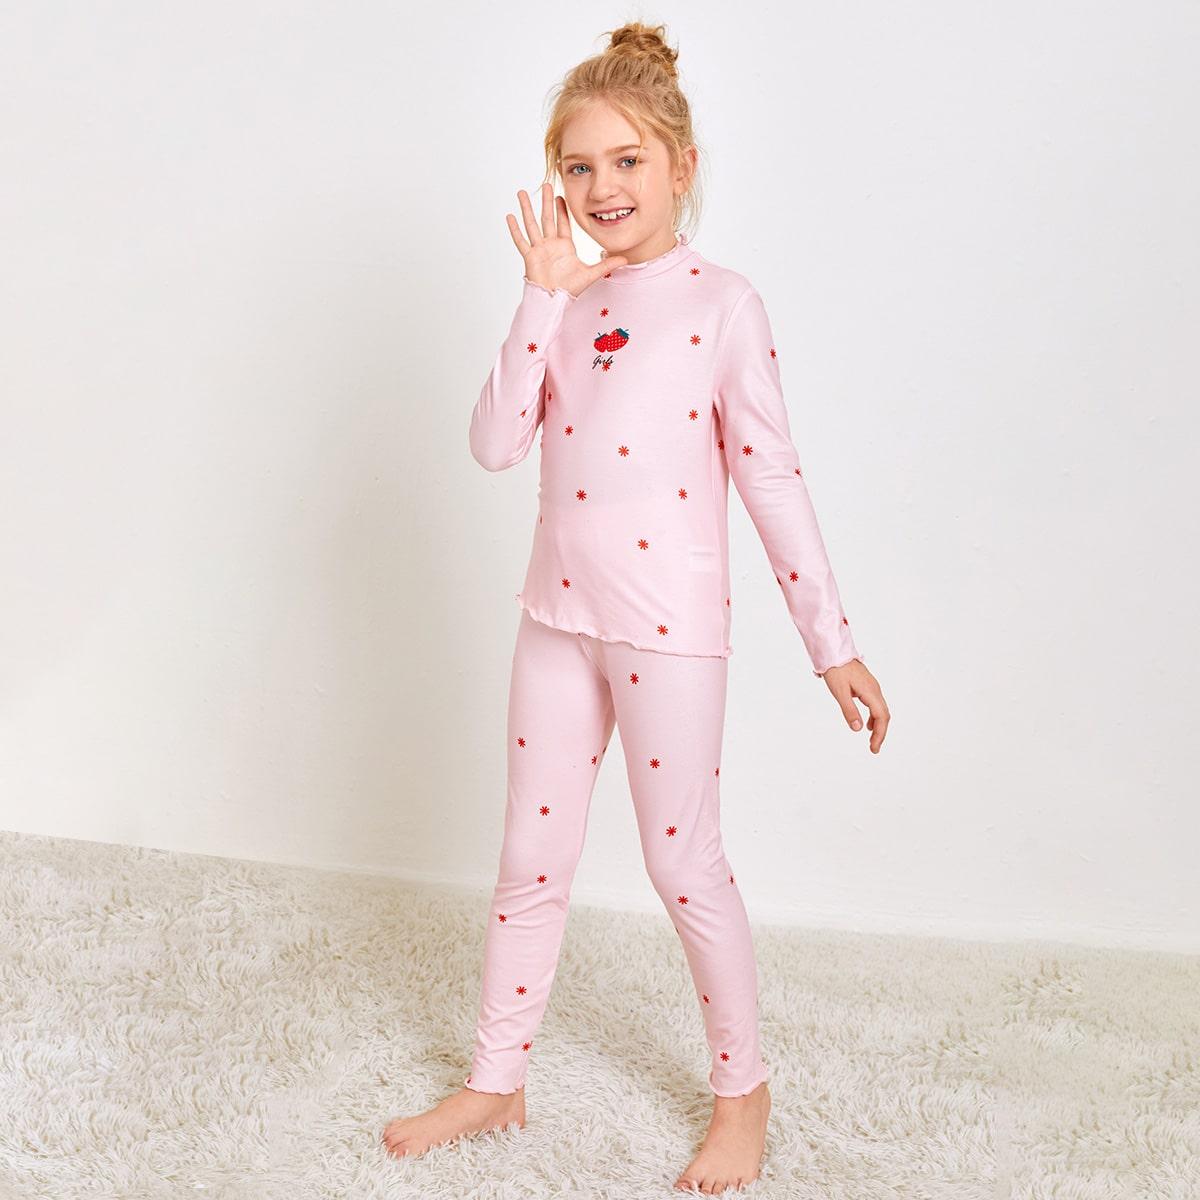 Пижама с принтом клубники для девочек